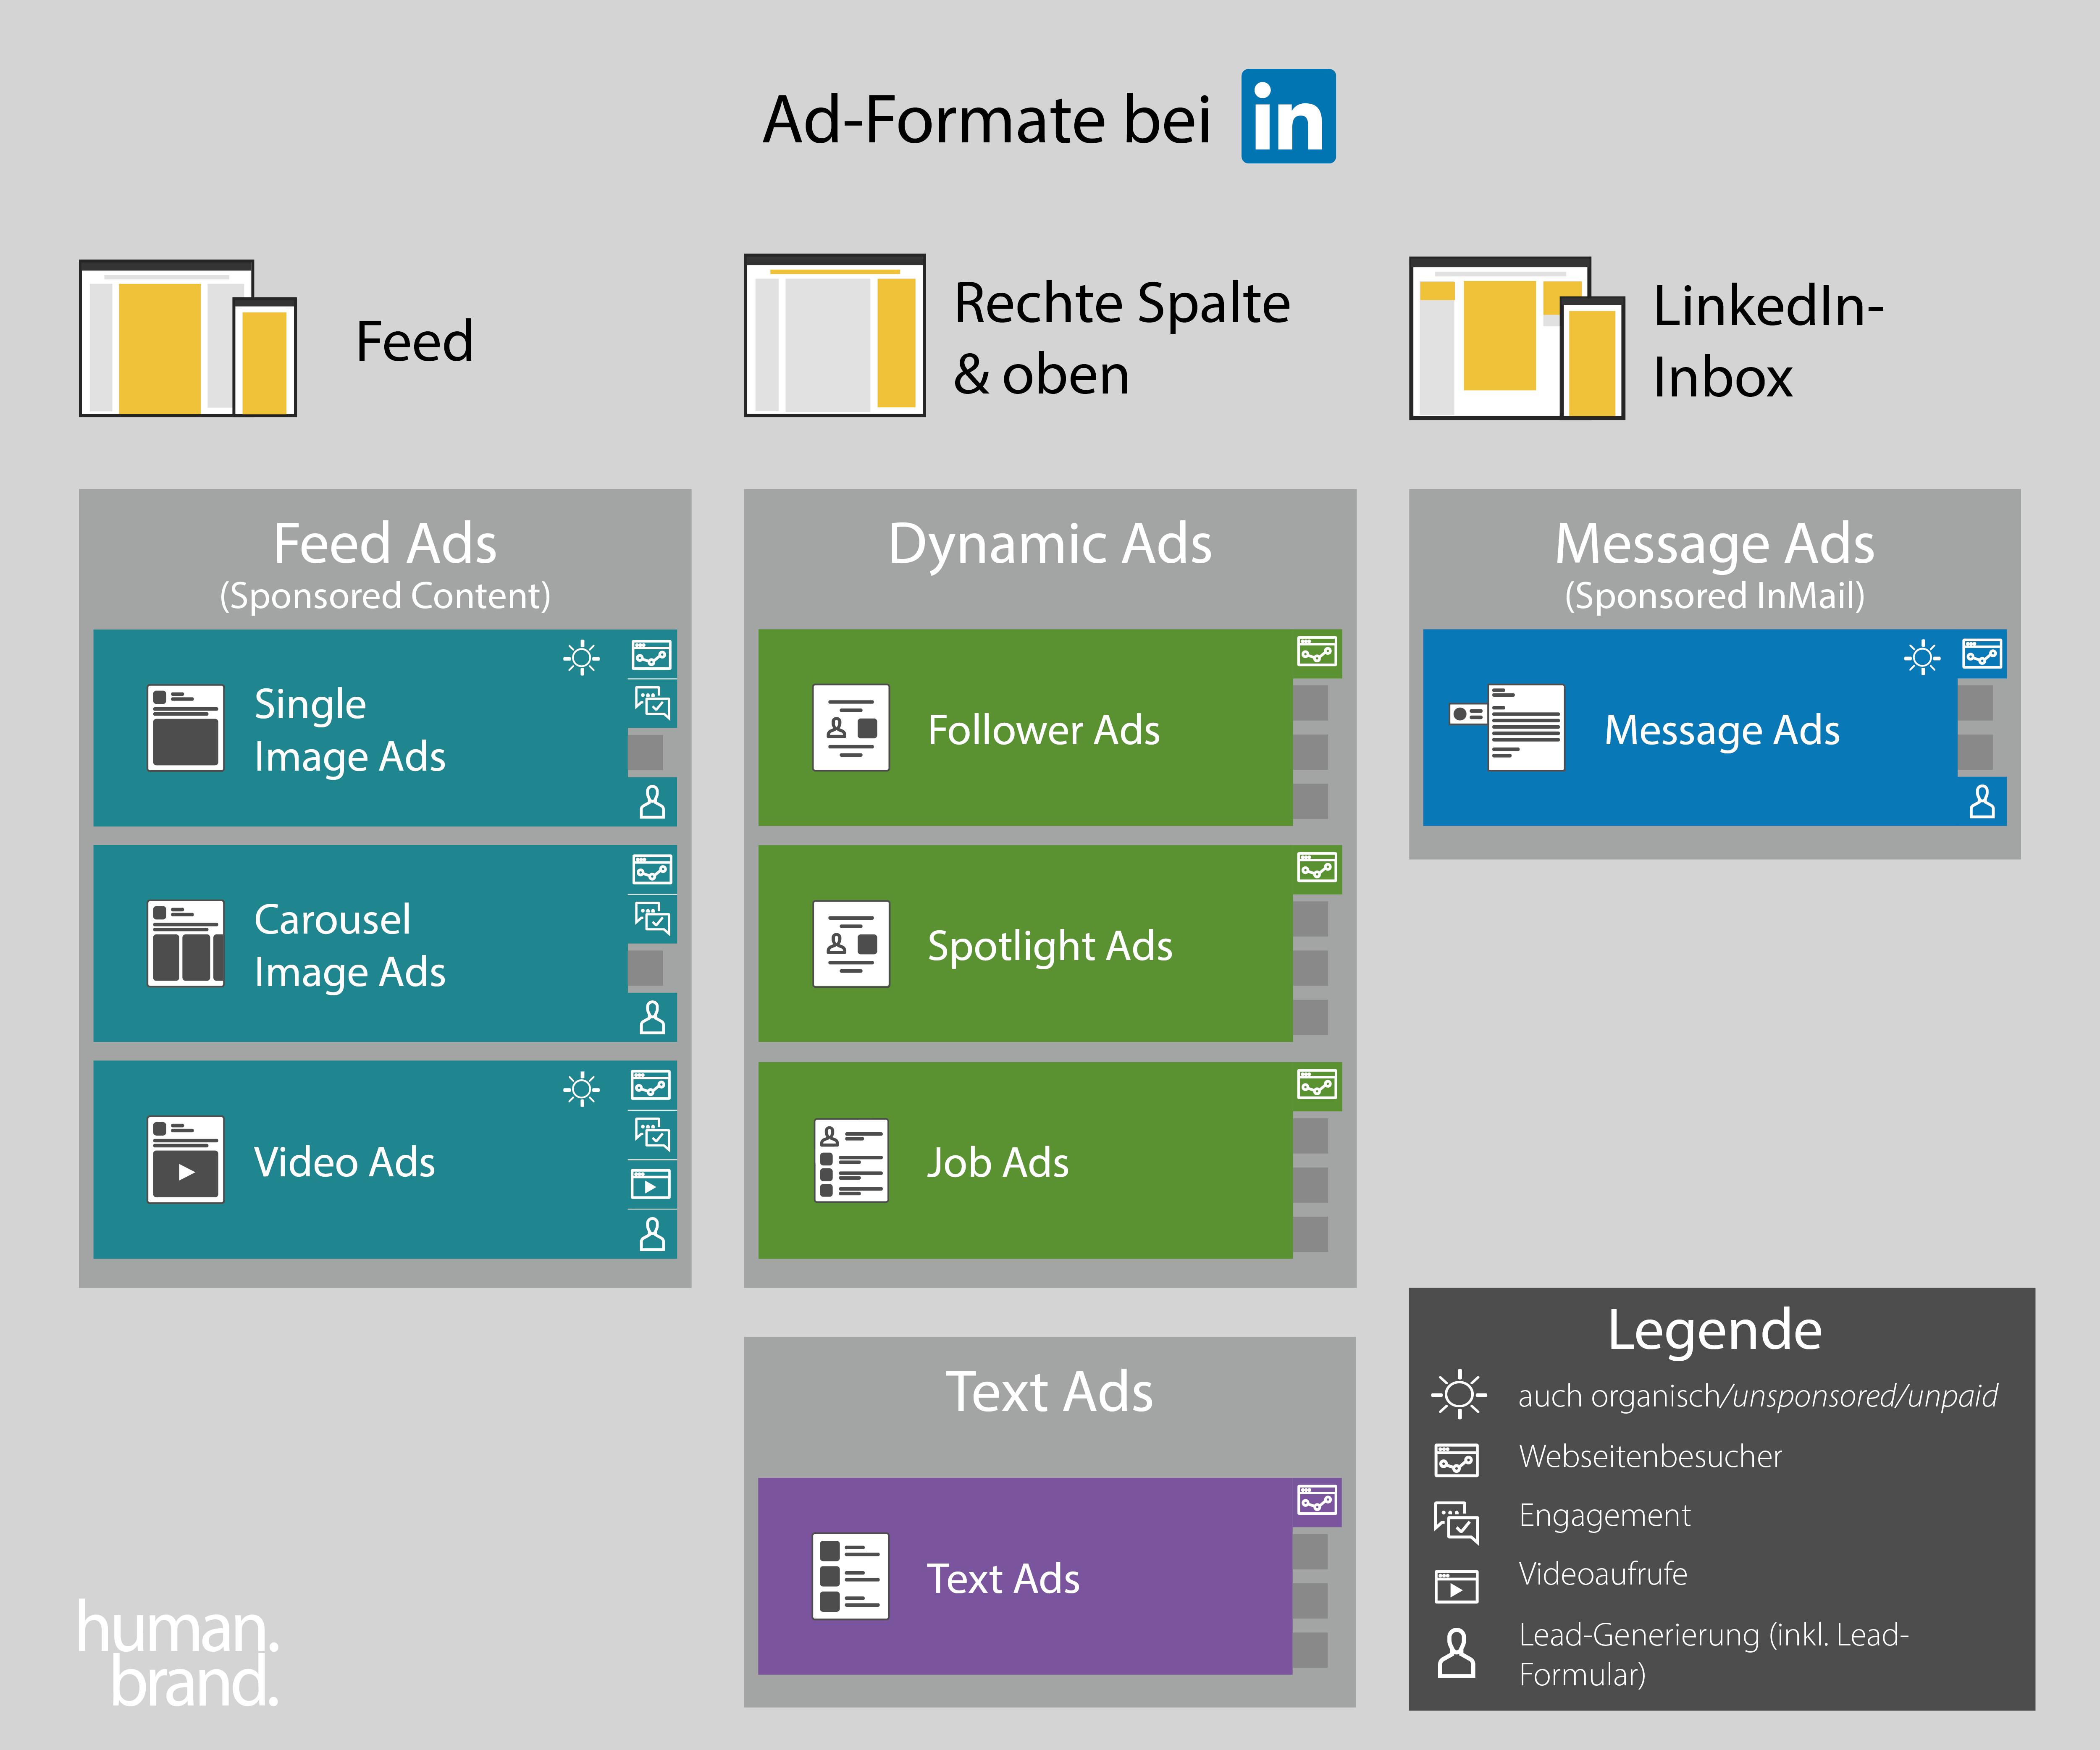 Eine Infografik zeigt die verfügbaren Formate für LinkedIn-Ads sowie ihre jeweilige Platzierung und die damit verfolgbaren Ziele.